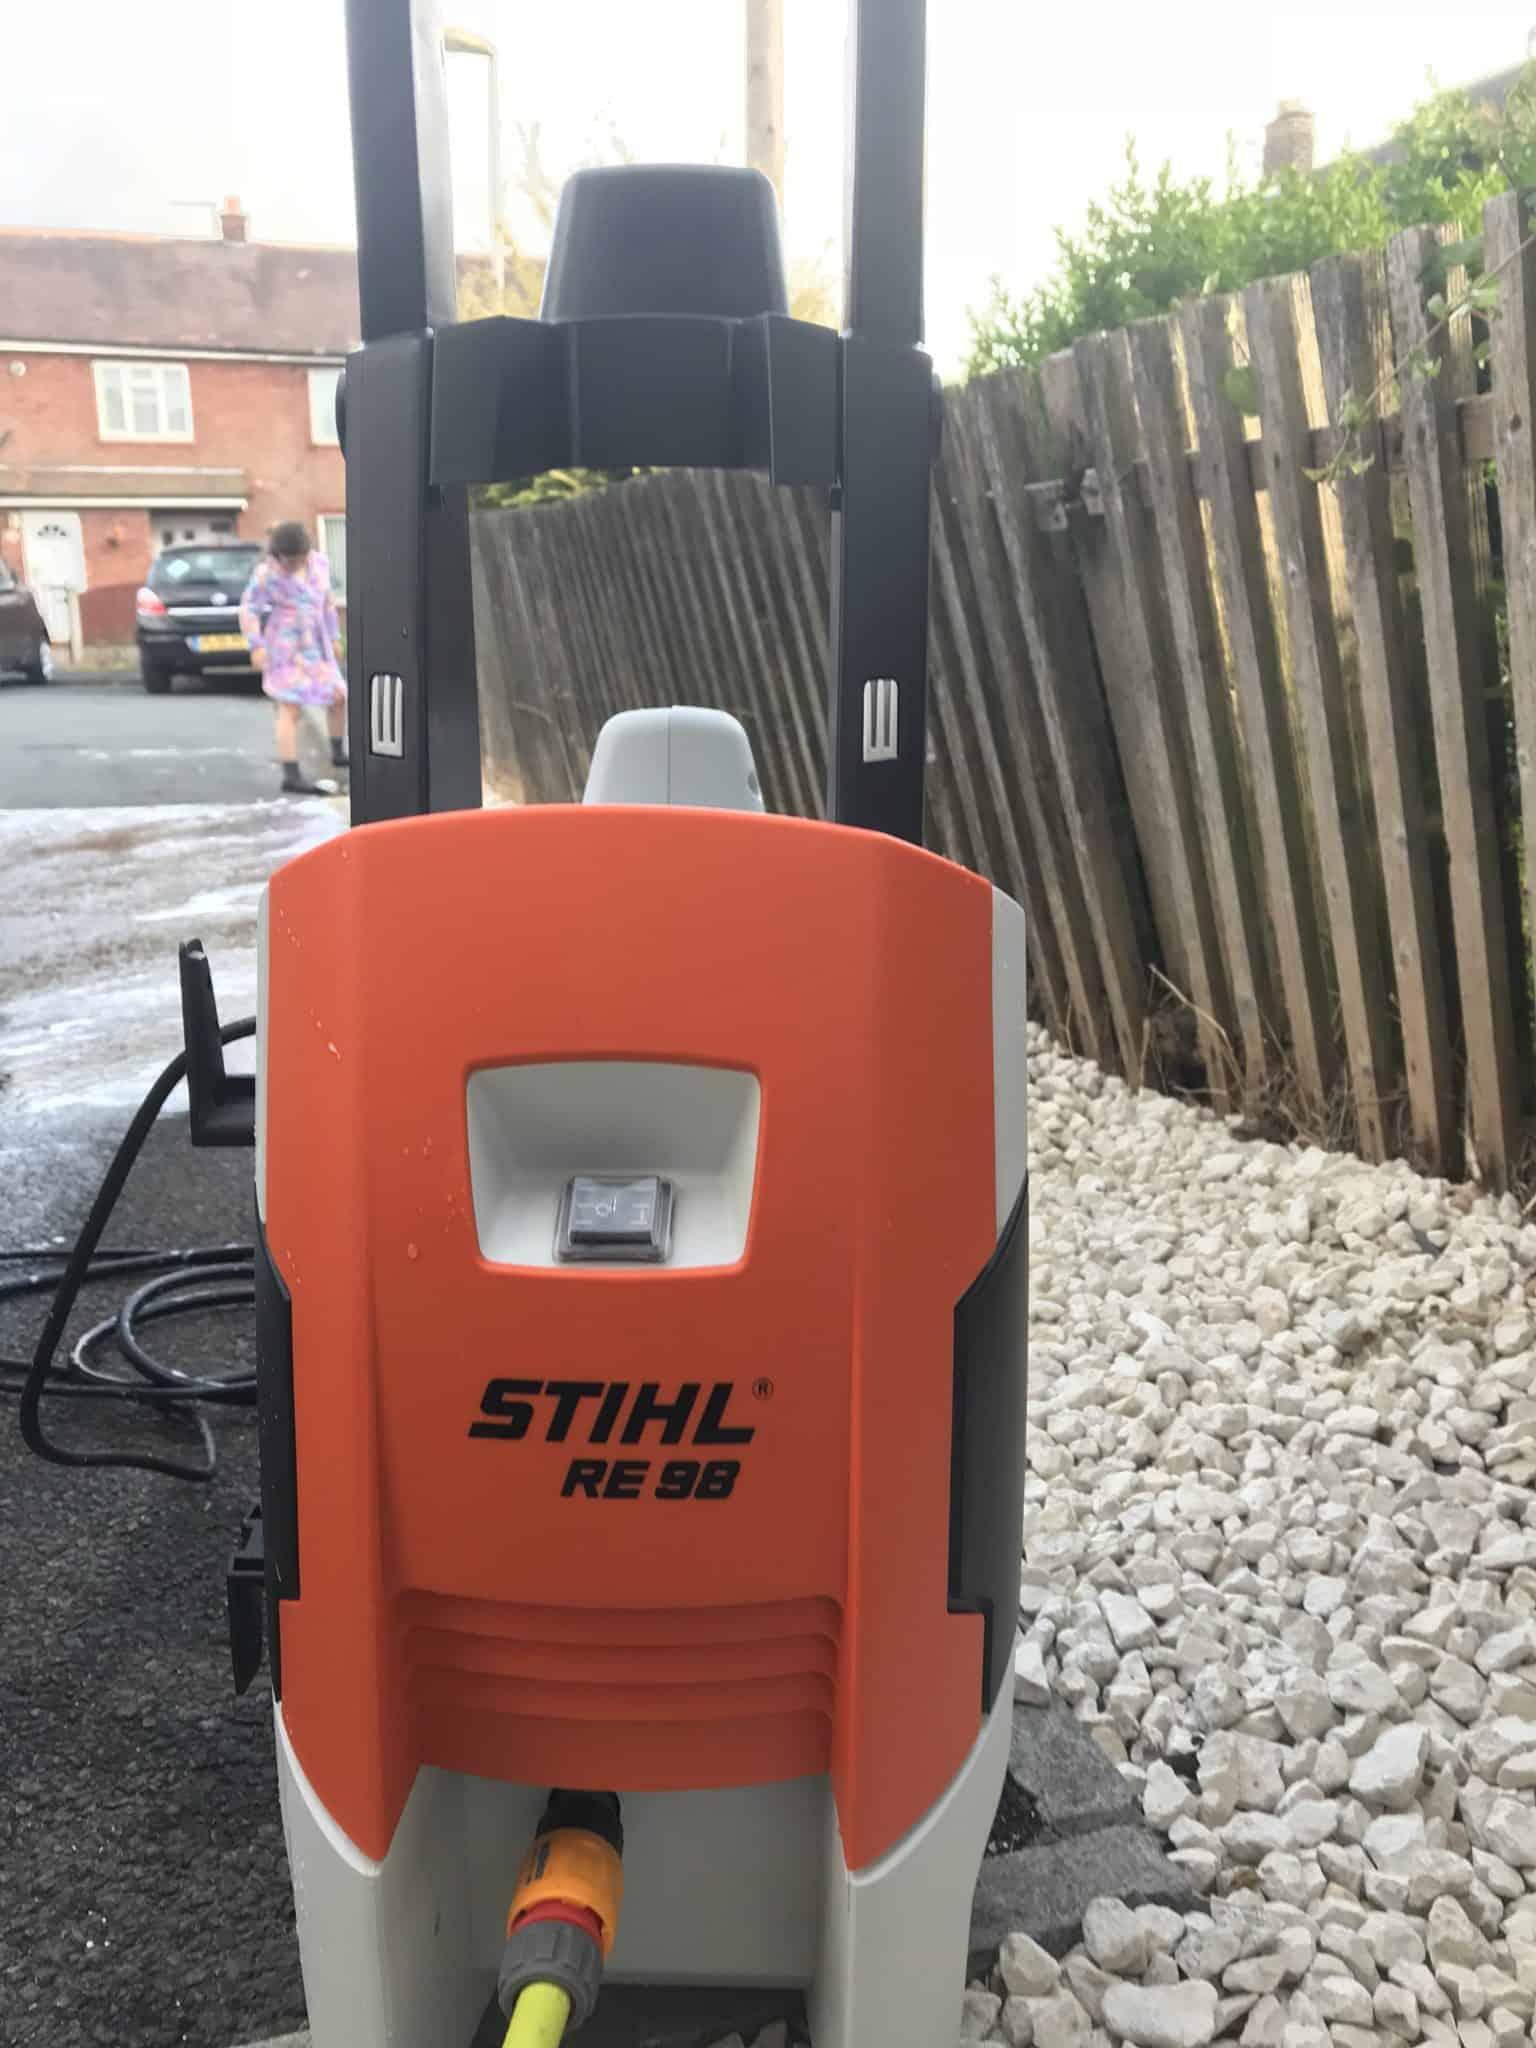 STILH RE 98 pressure washer